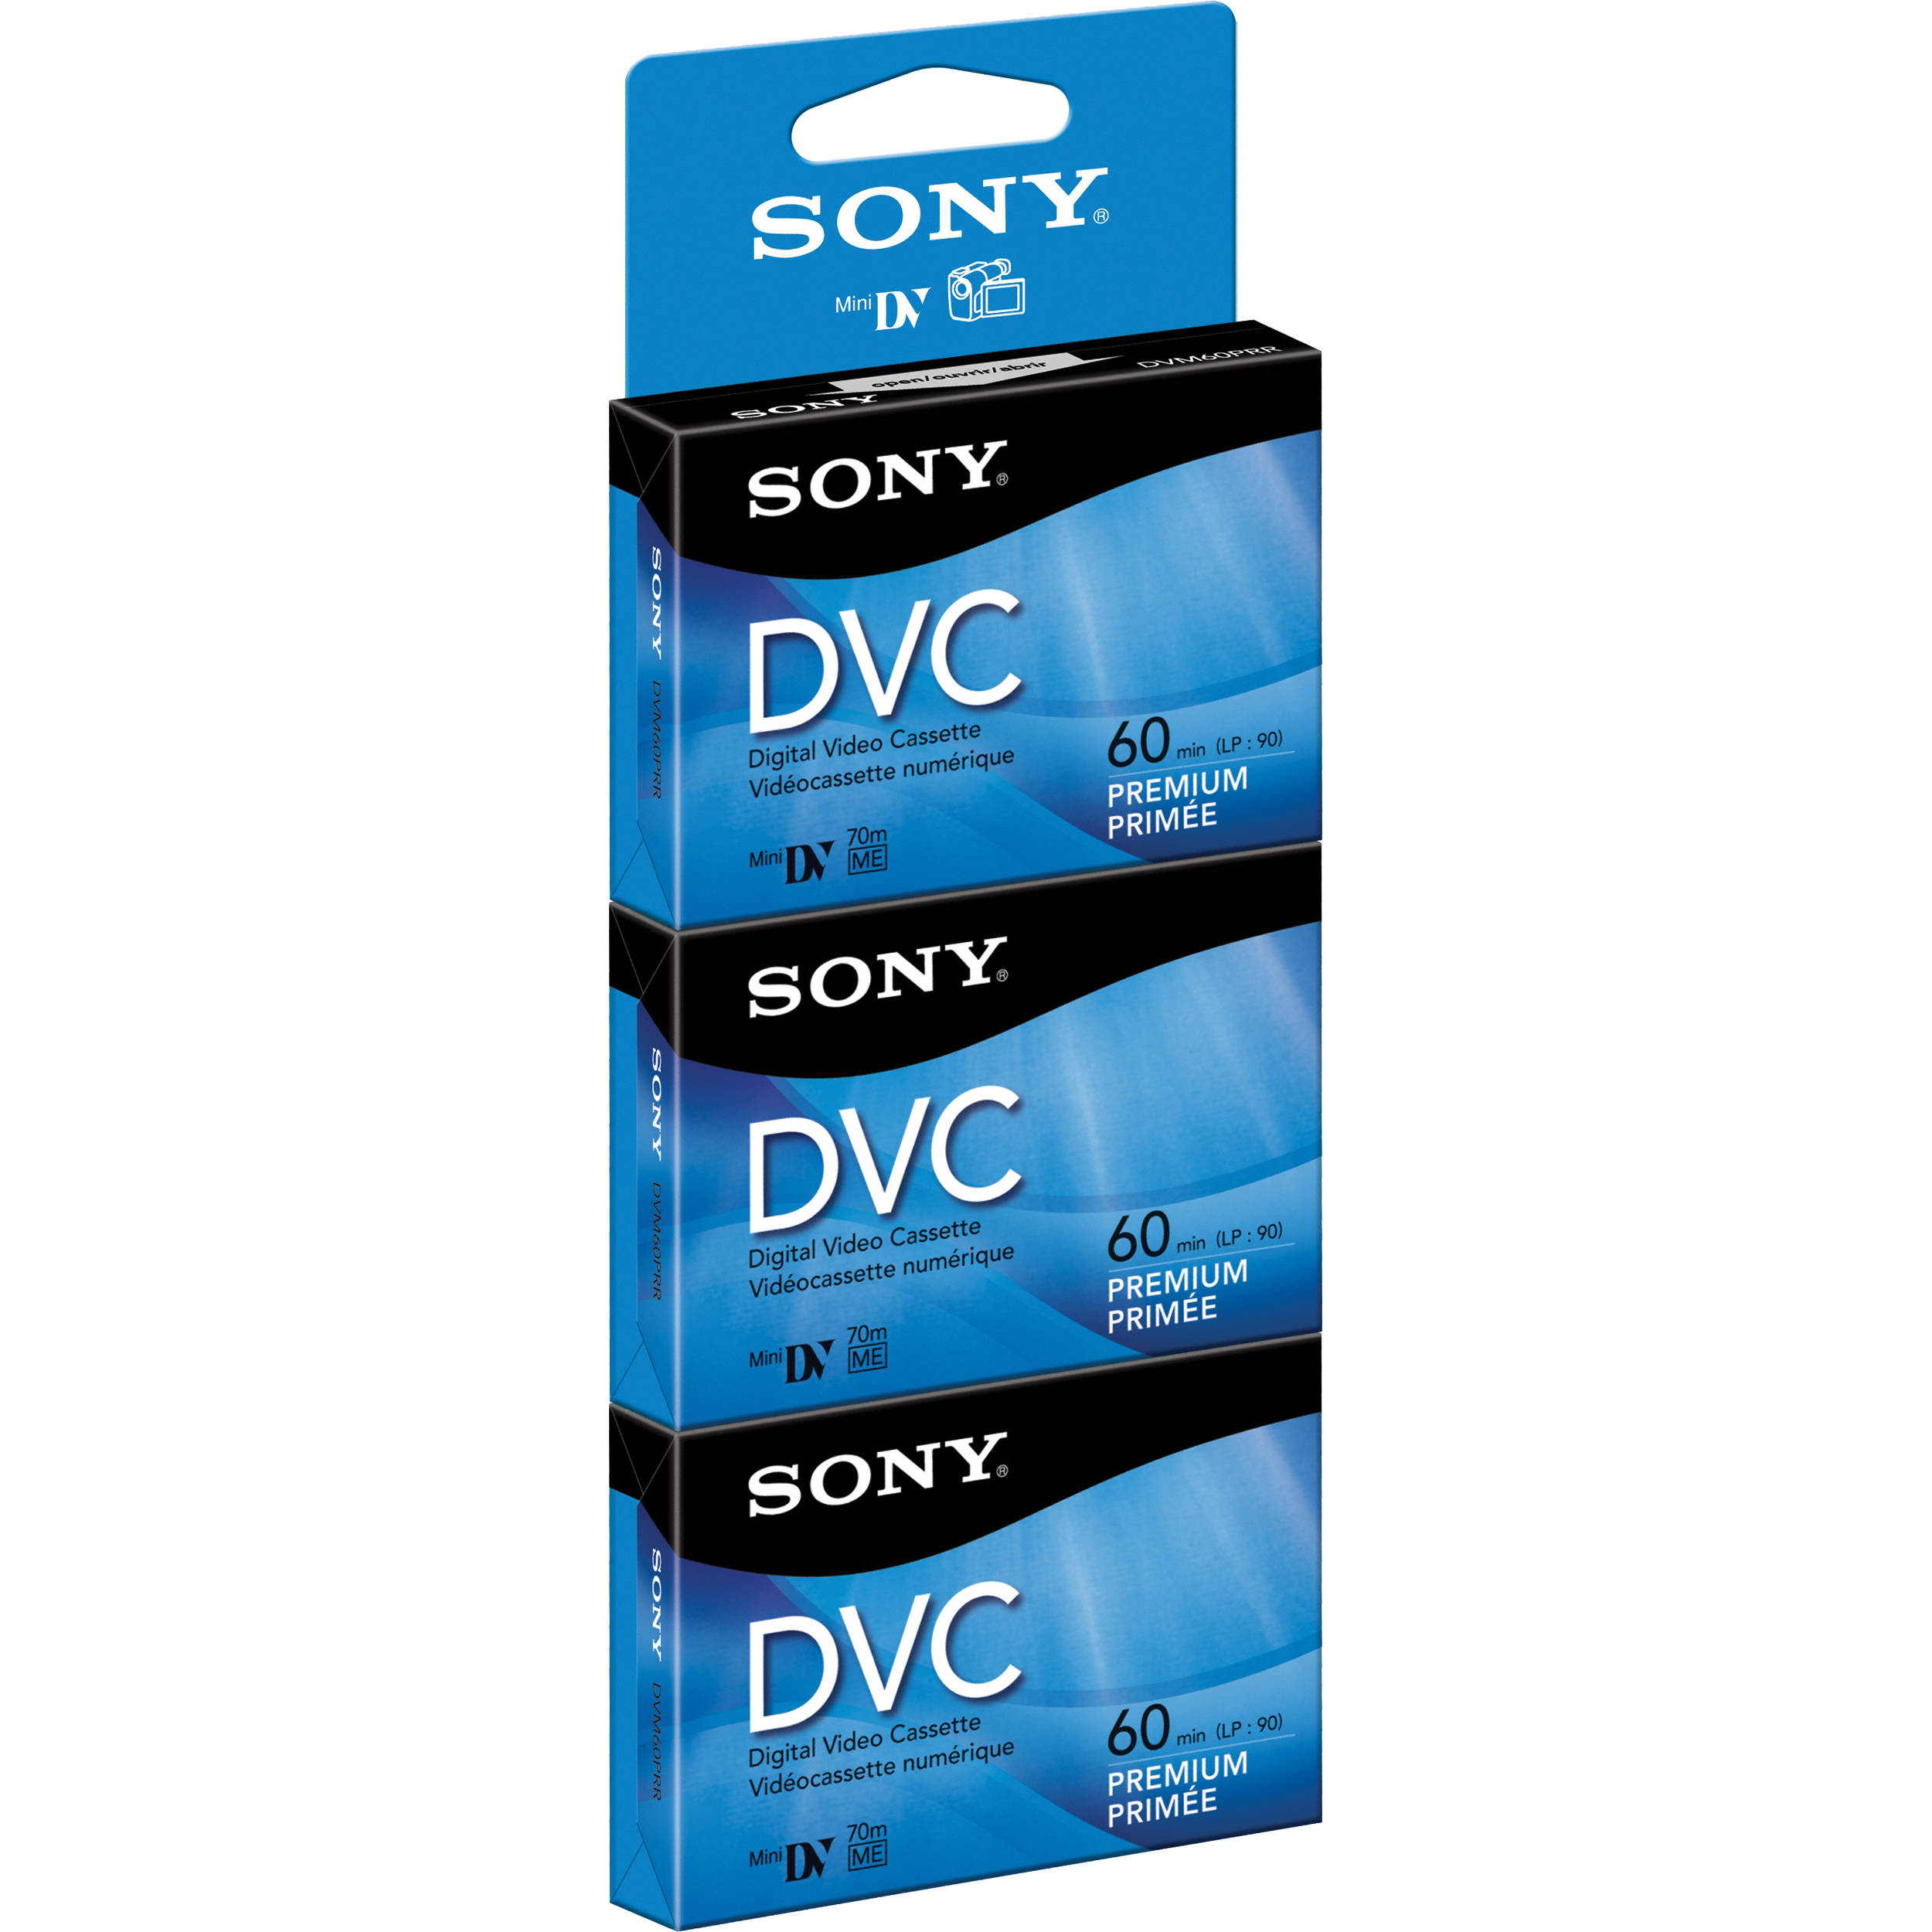 Sony DV 60 Digital Video Recorder Cassette Mini DV NEW DVM60PR3